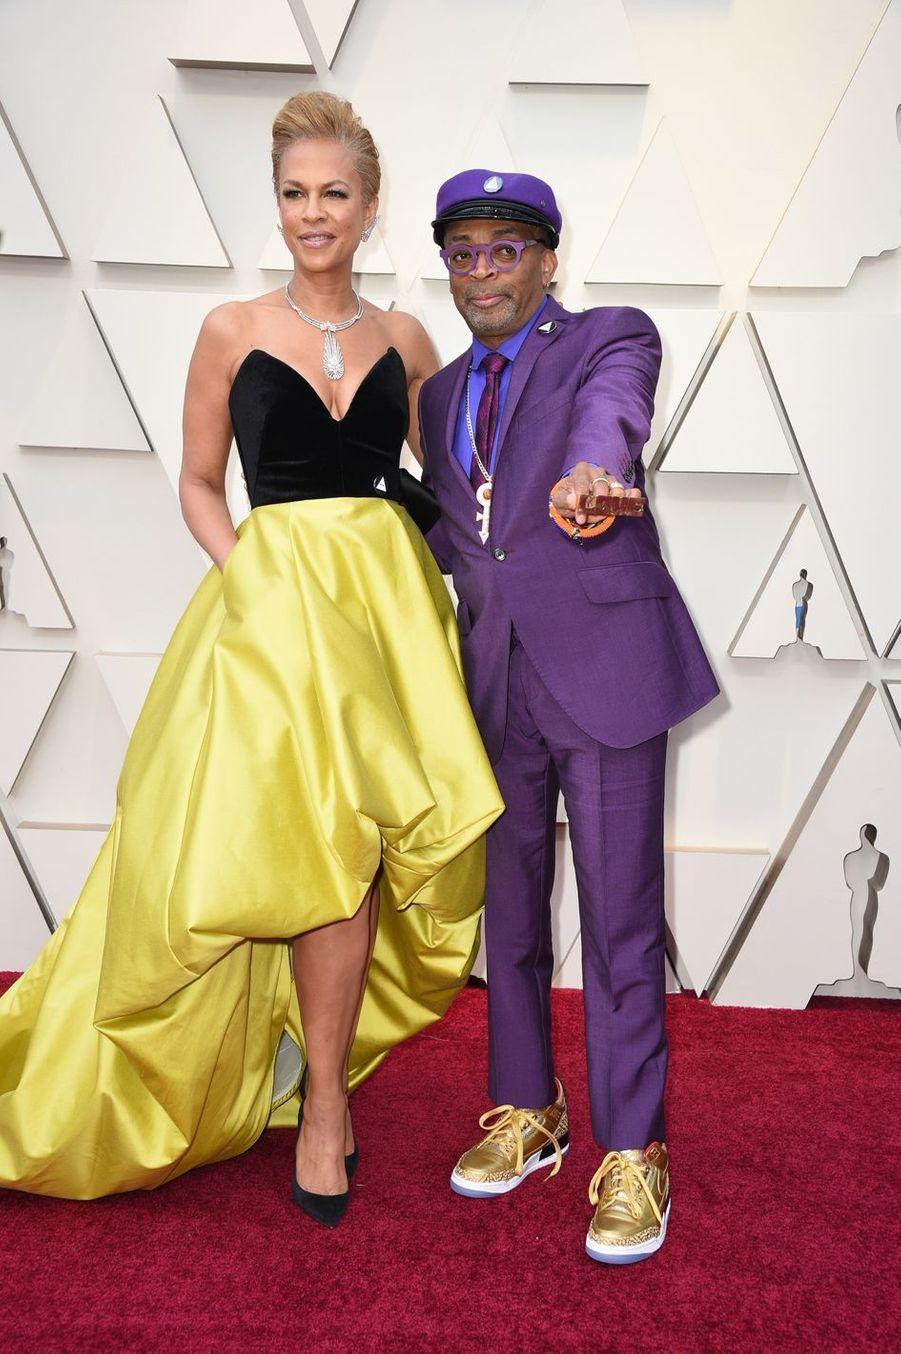 Tonya Lewis Lee et Spike Leesur le tapis rouge de la 91e cérémonie des Oscars le 24 février 2019